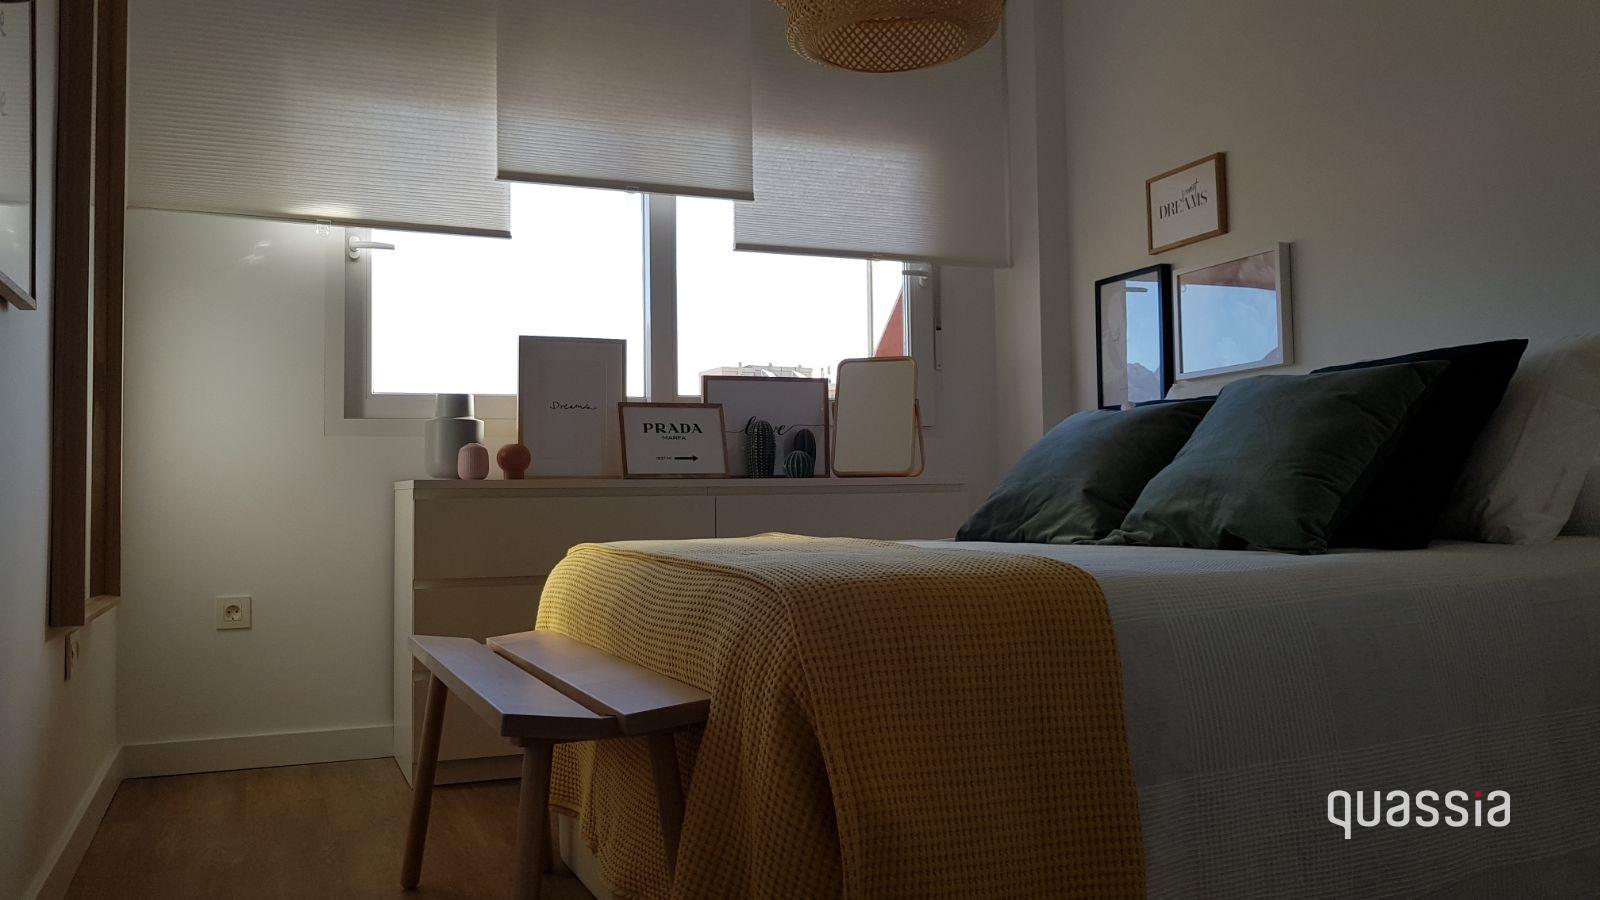 Reforma apartamento Fuengirola por Quassia (11)